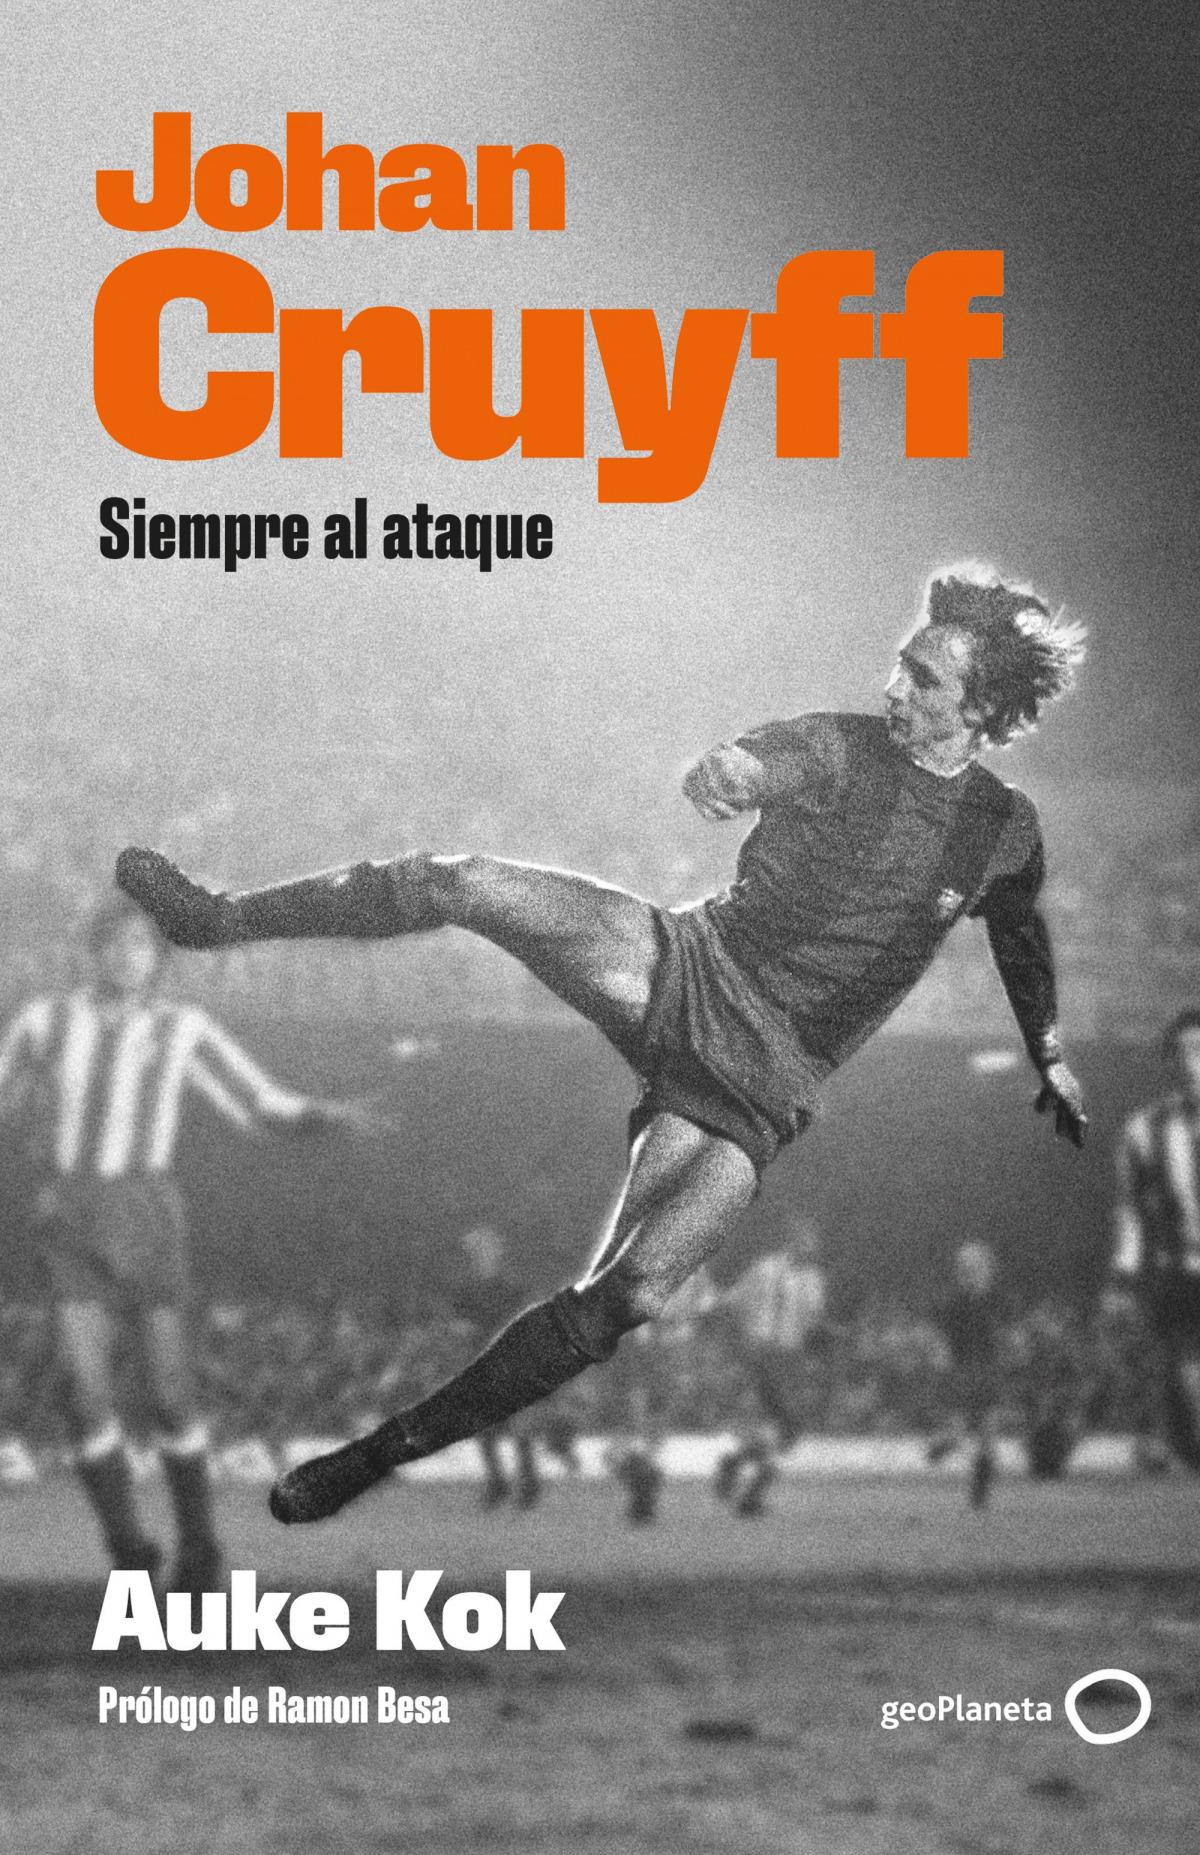 Johan Cruyff 9788408239277